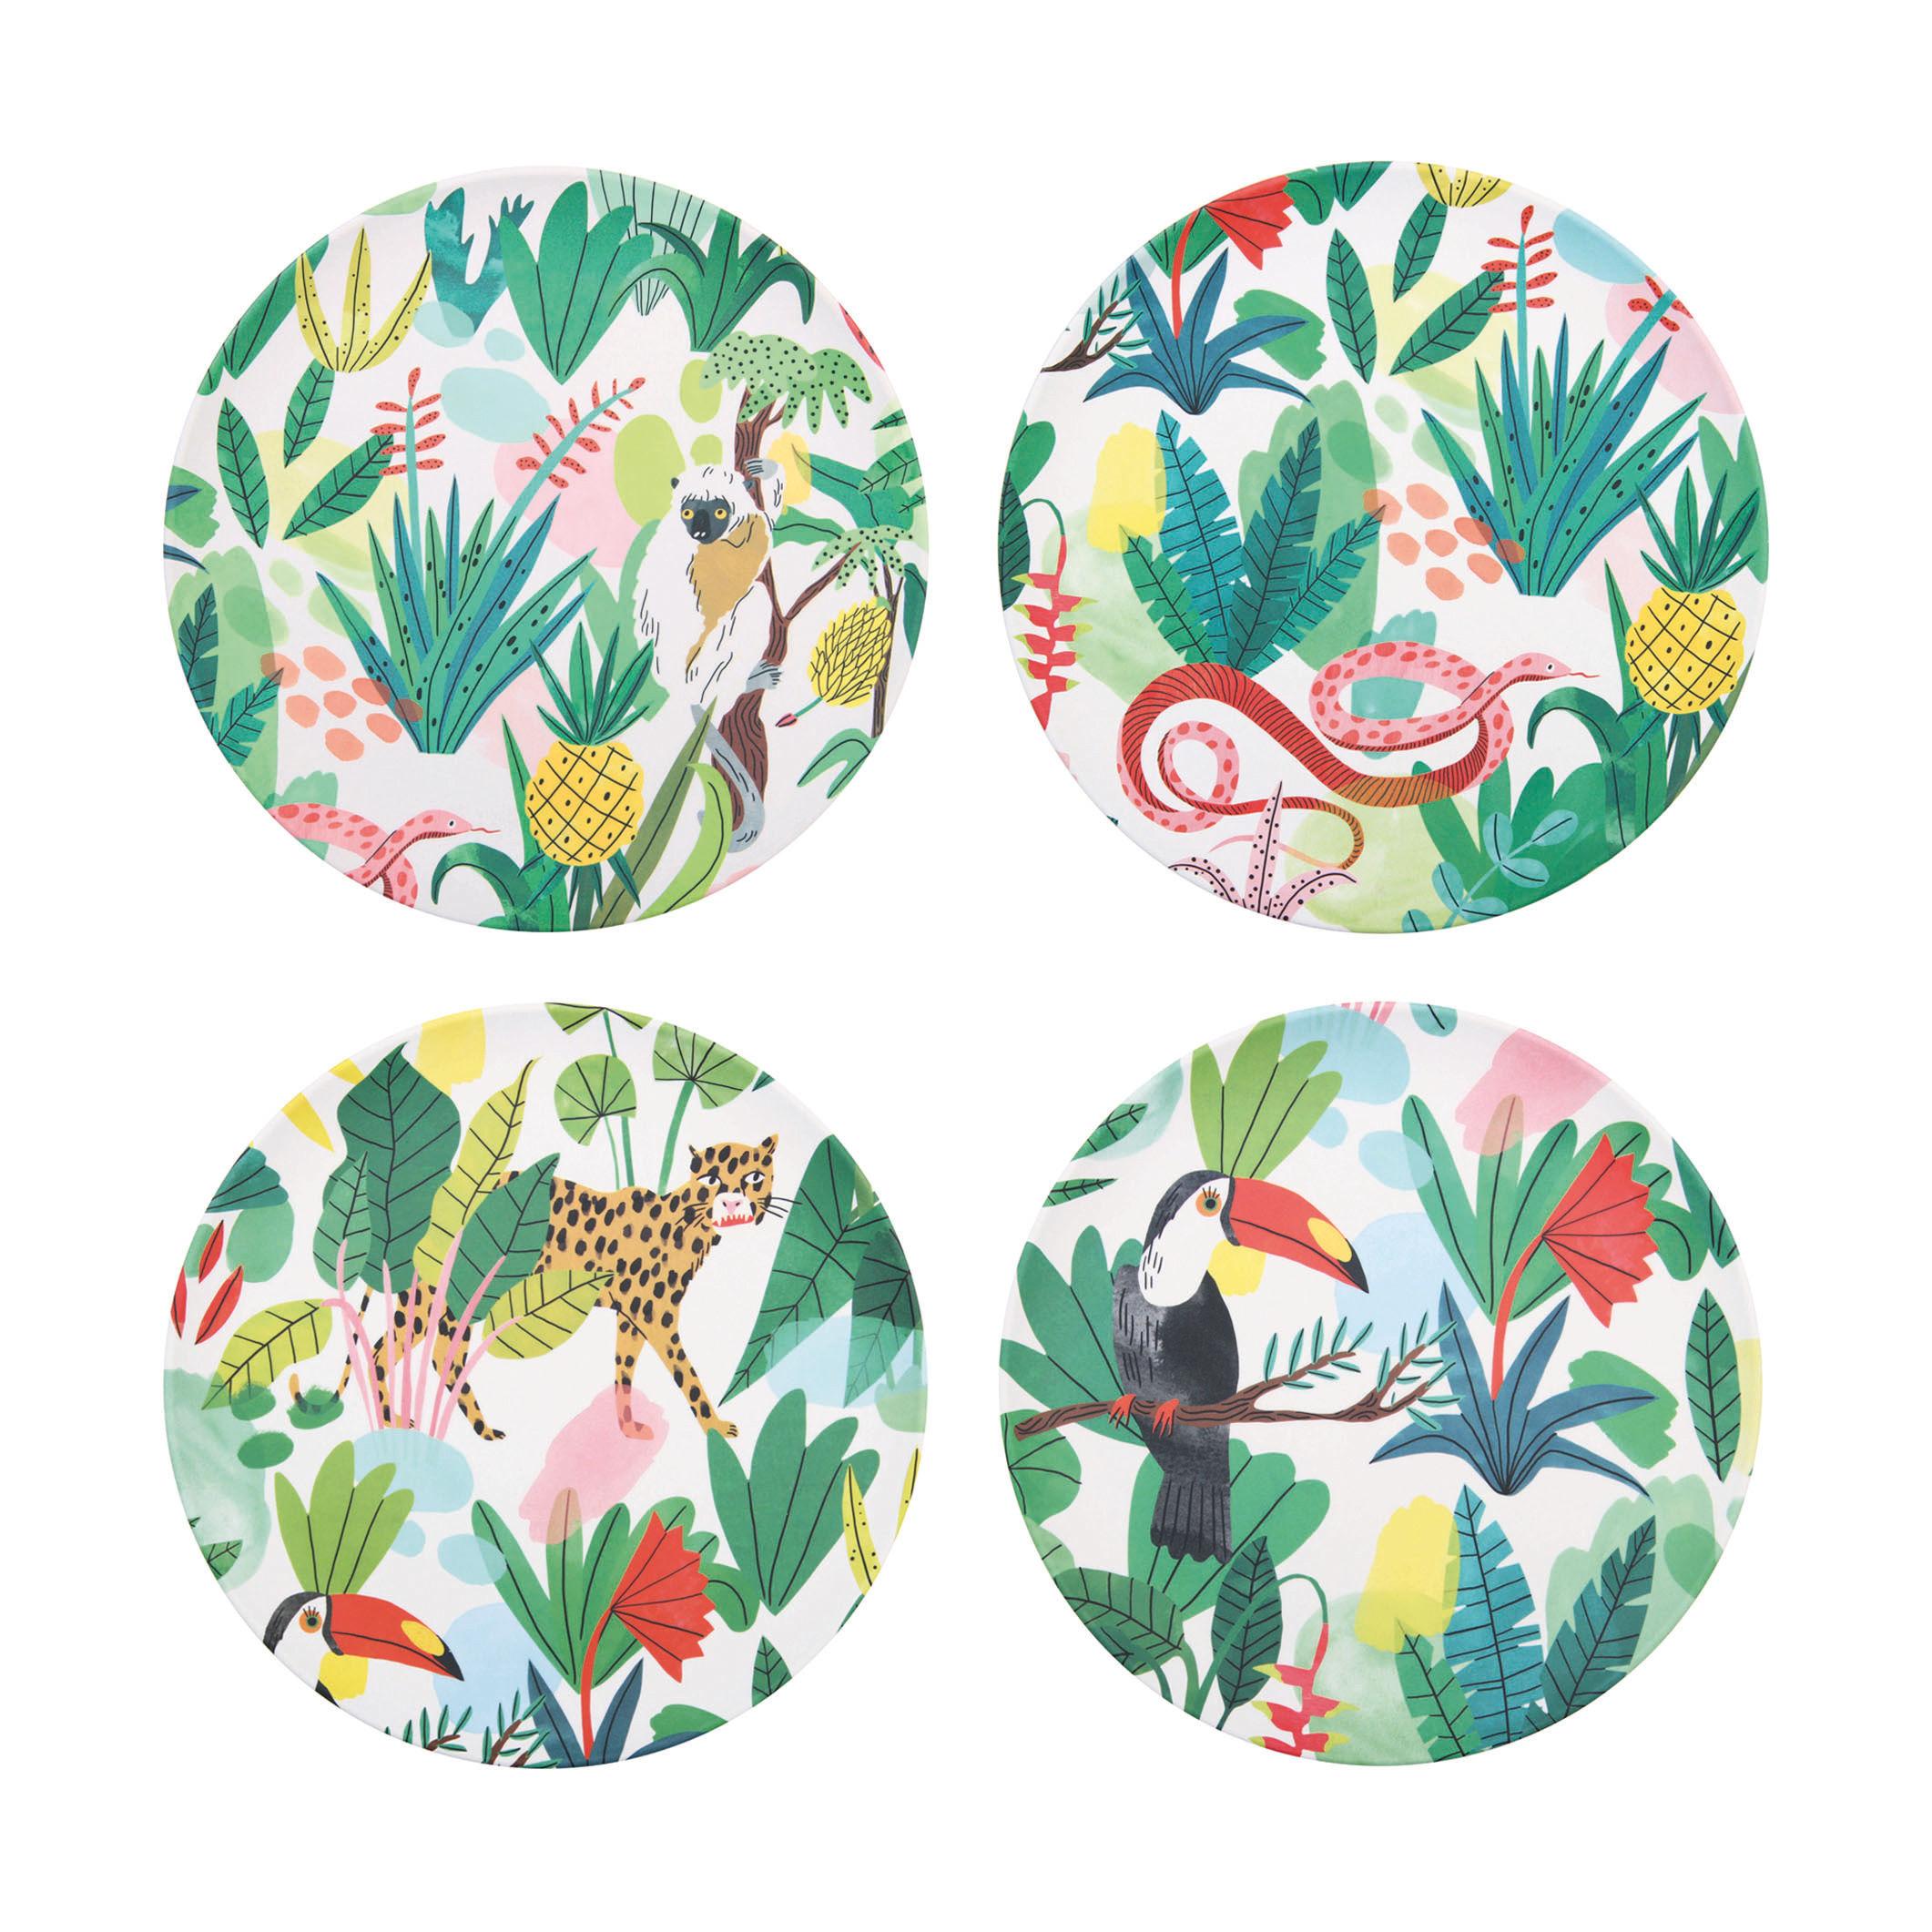 Tischkultur - Teller - Bodil Teller / 4er-Set - Bambus - & klevering - Tropendschungel - Bambusfaser